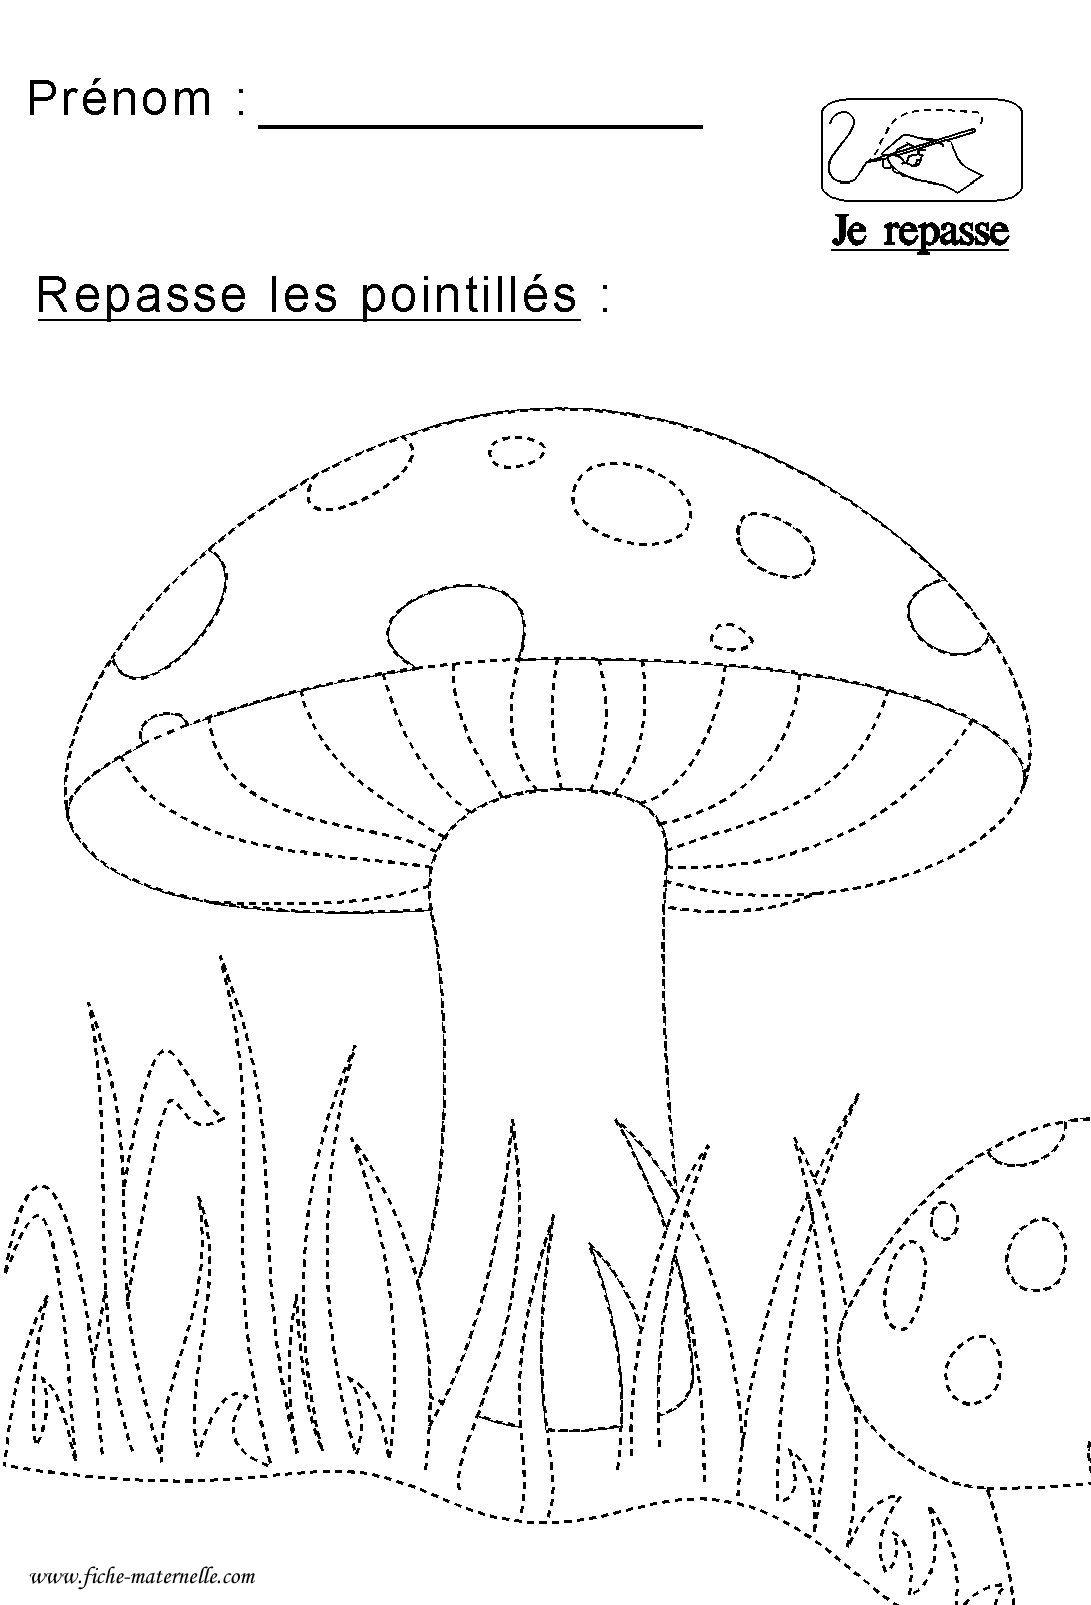 Repasser sur les pointillés | Pilz | Pinterest | Pilze, Vorschule ...